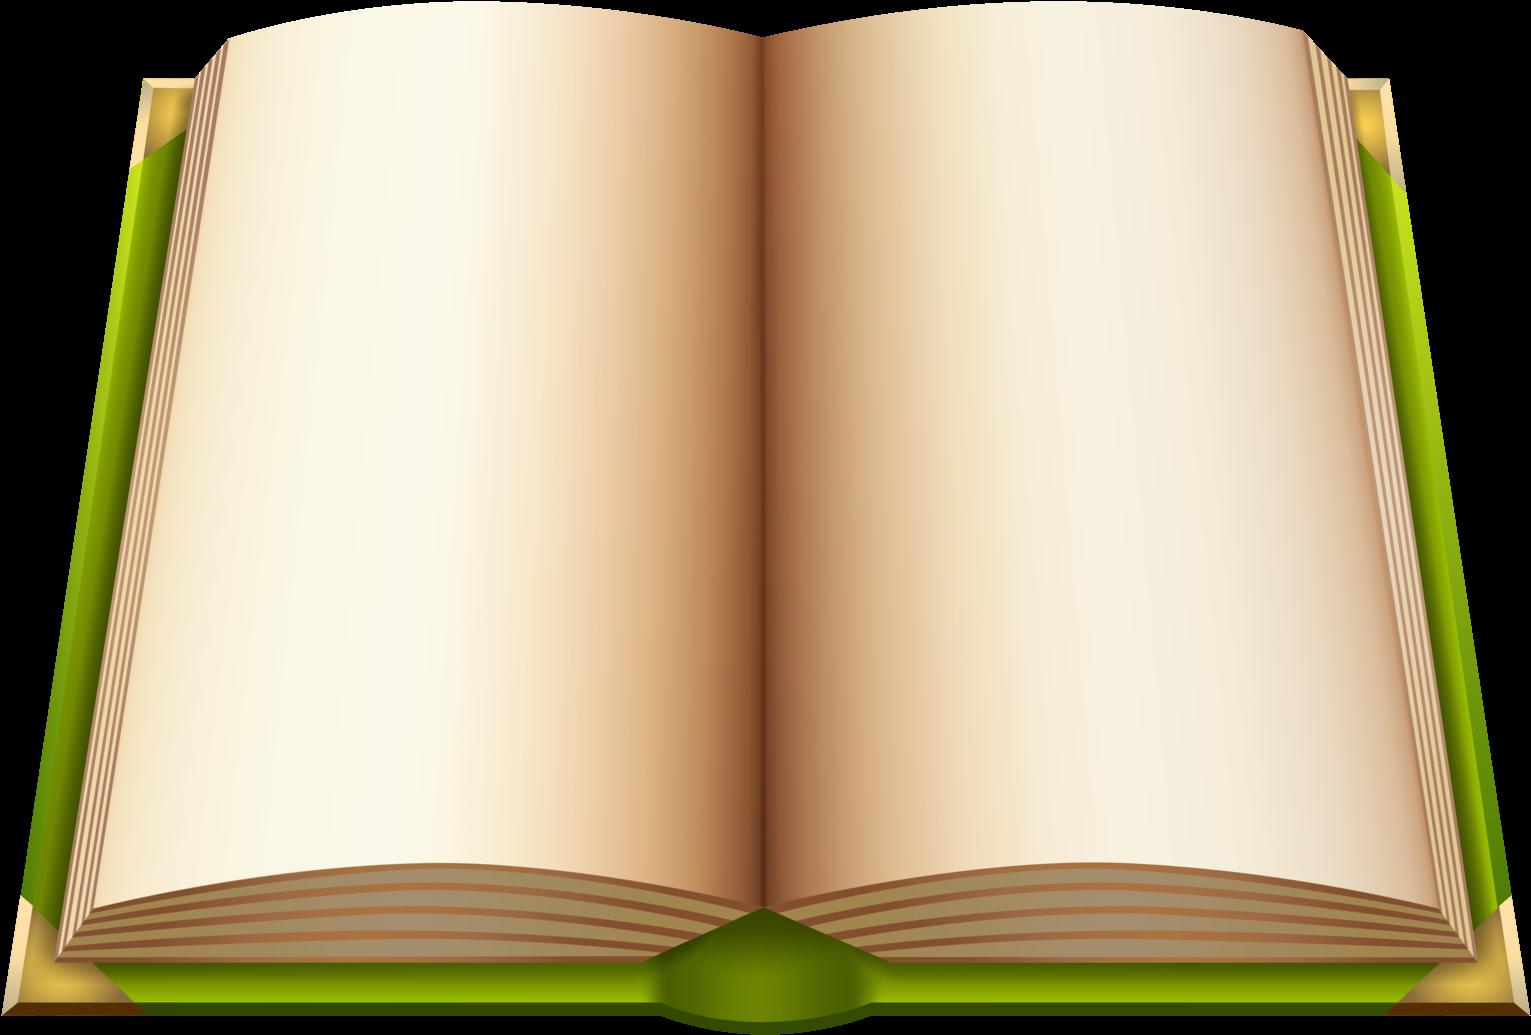 Картинки для детей книга раскрытая для